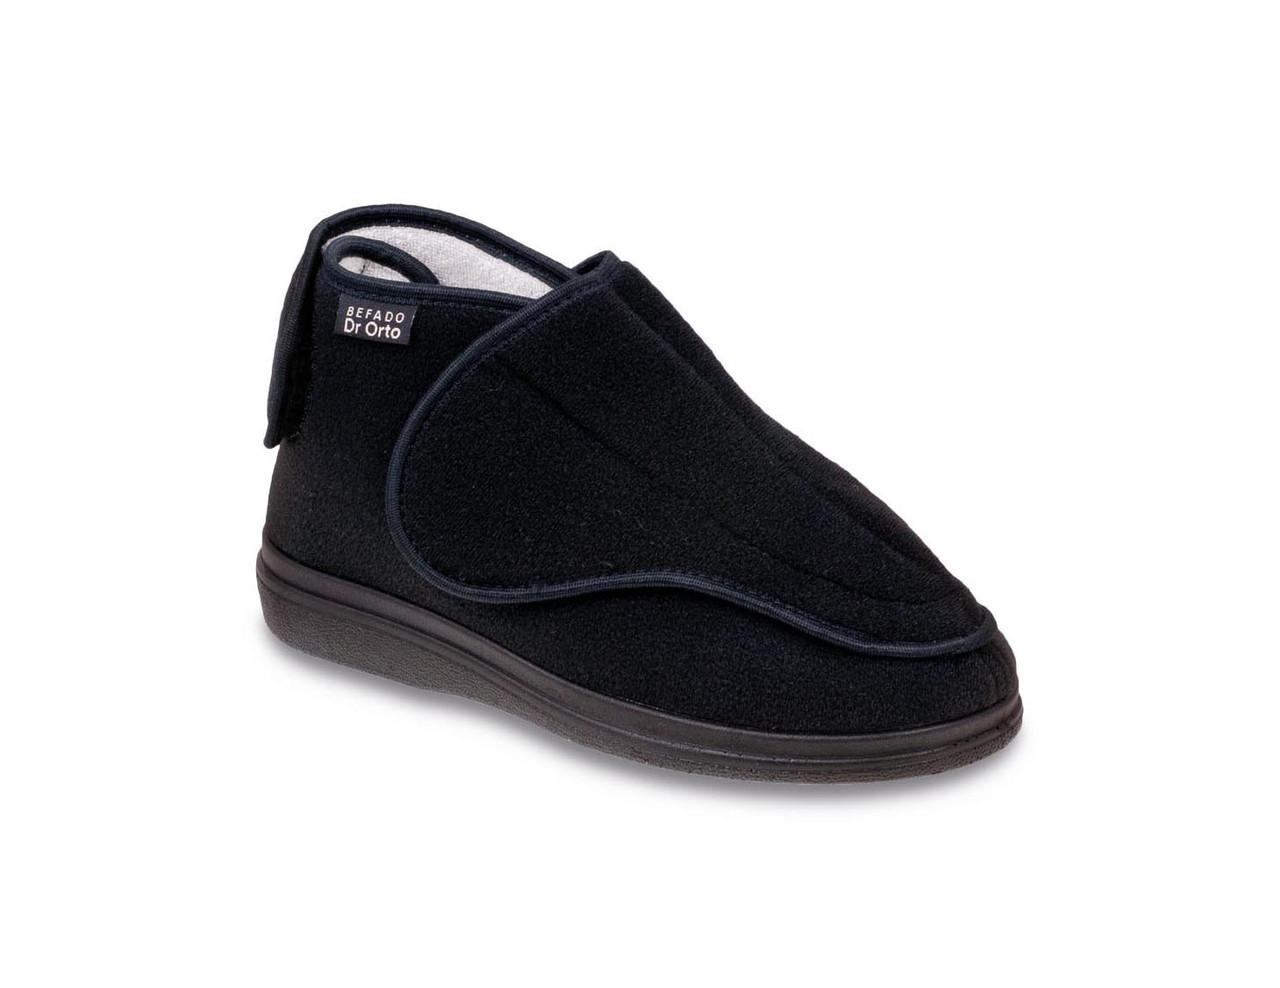 Ботинки диабетические, для проблемных ног женские DrOrto 163 D 002 Ботинки, Липучка, 39, Диабетическая, При синдроме диабетической стопы